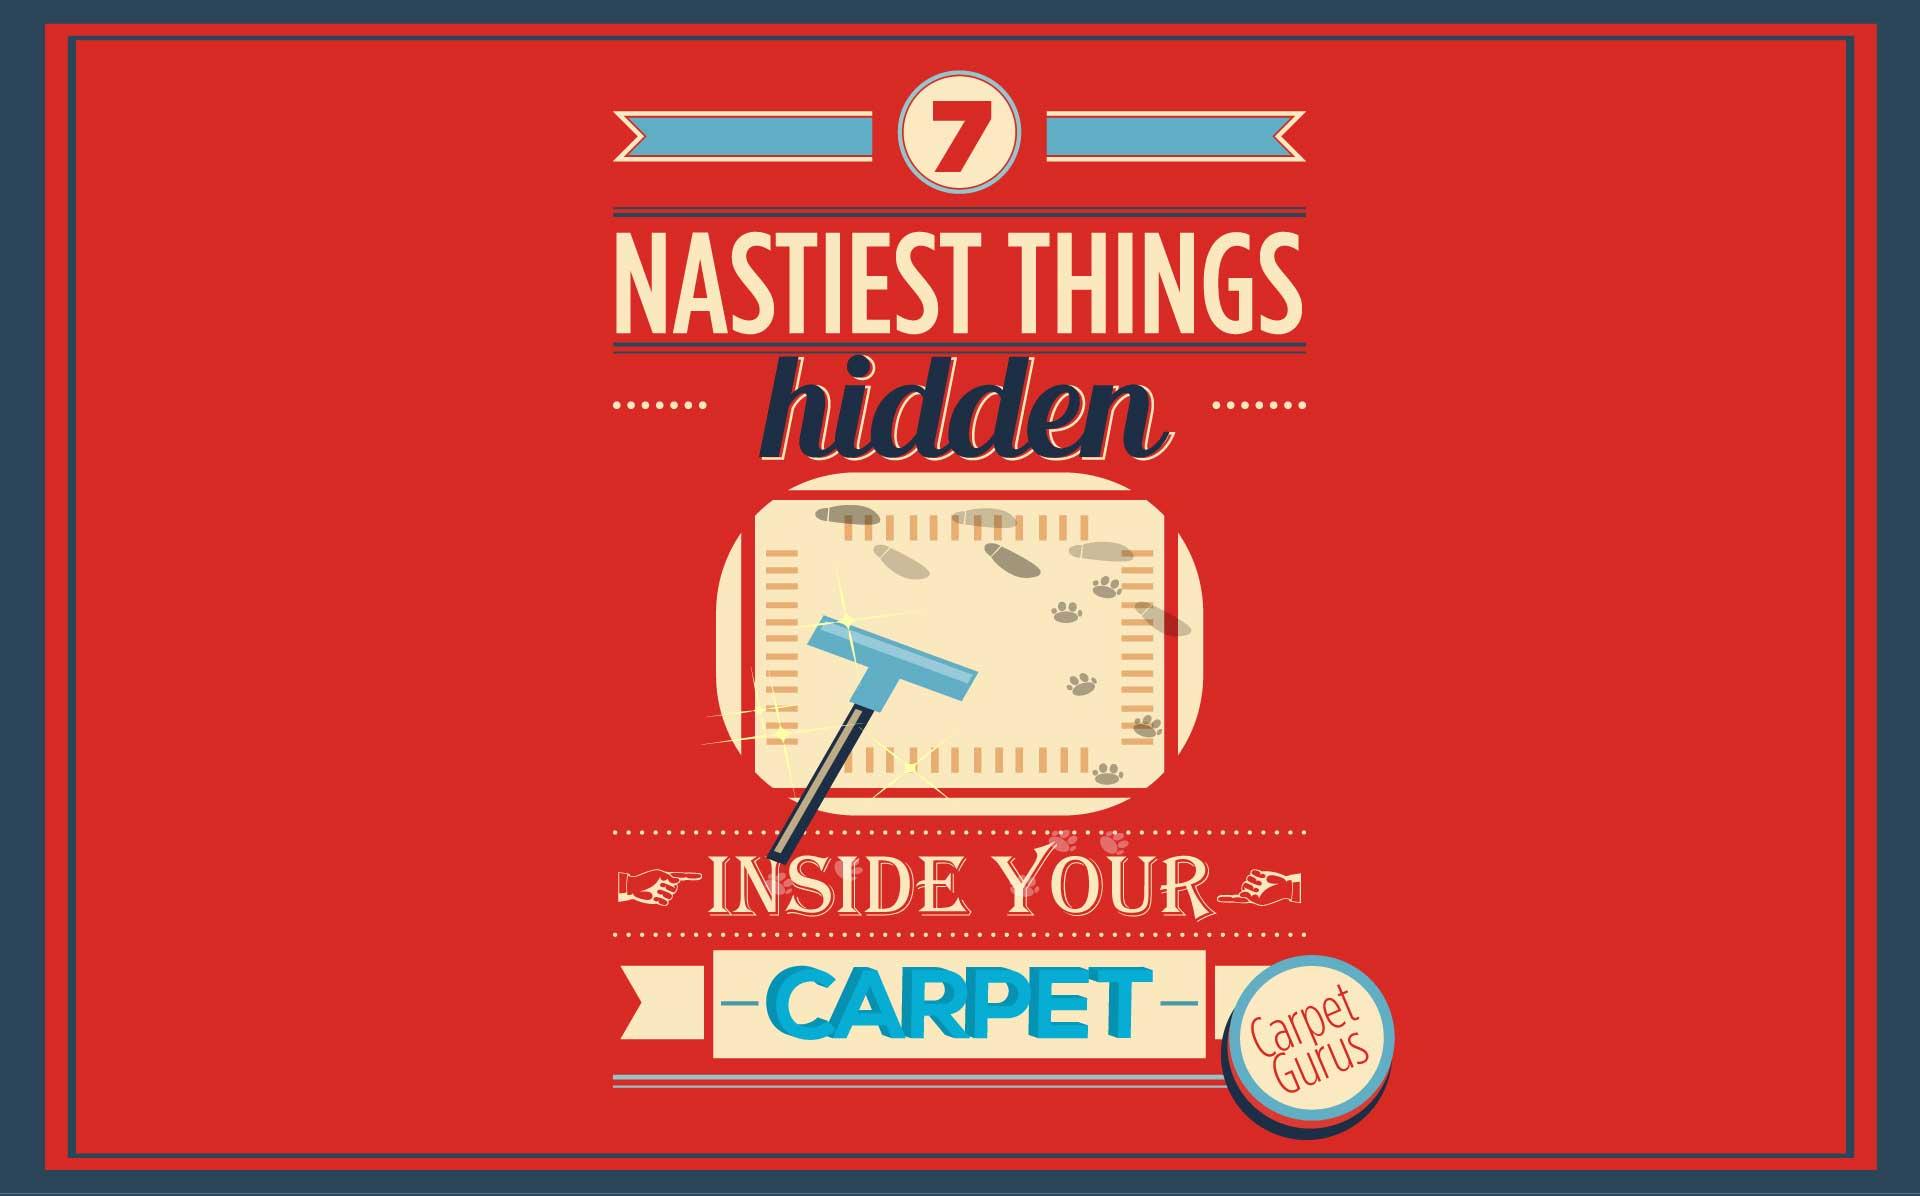 7 Nastiest Things Hidden in Your Carpet